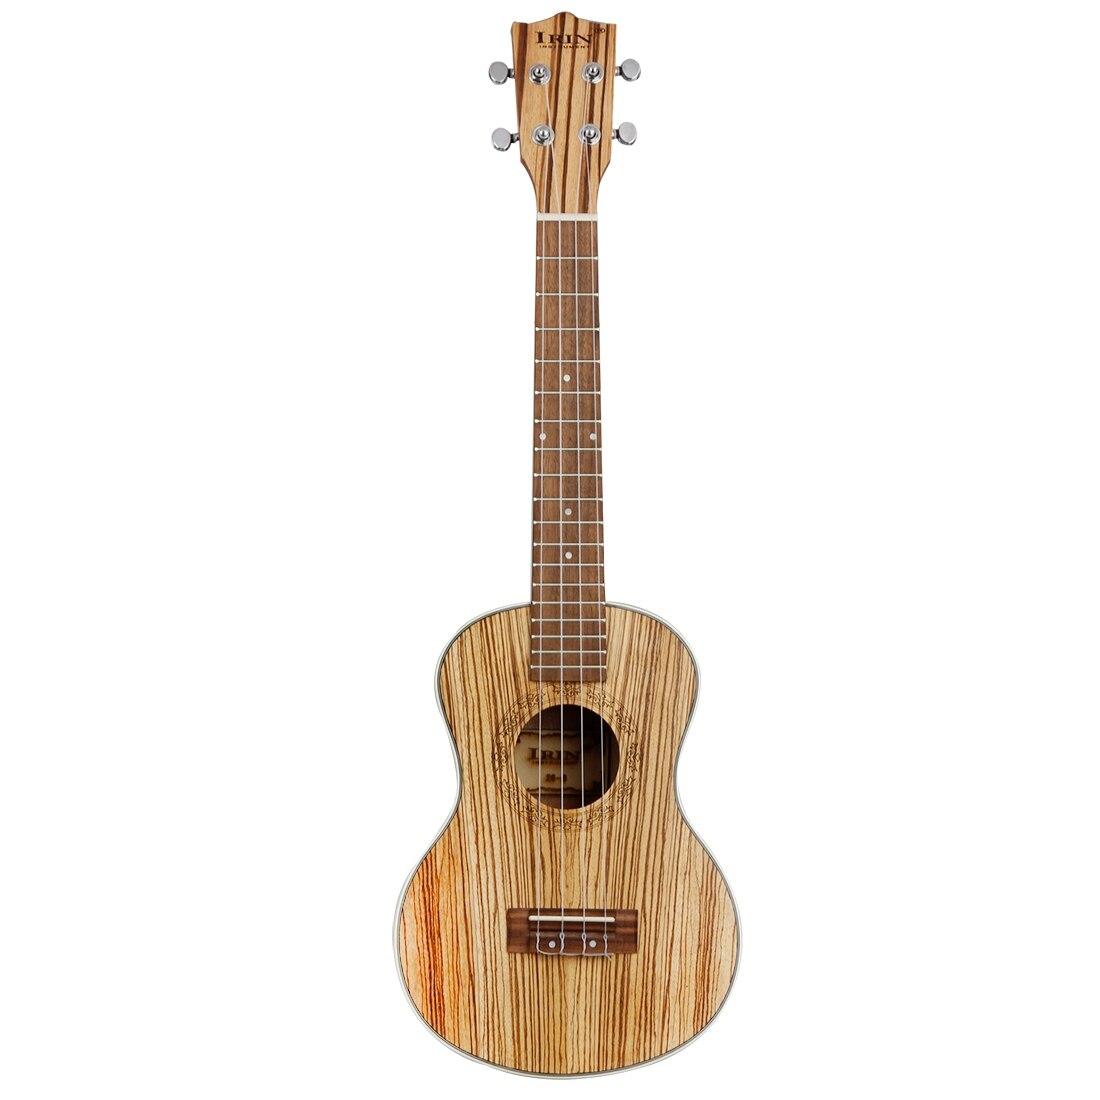 IRIN Concert ukulélé 26 pouces 4 cordes hawaïen Mini guitare acoustique guitare Ukelele guitare envoyer des cadeaux Musical à cordes dans